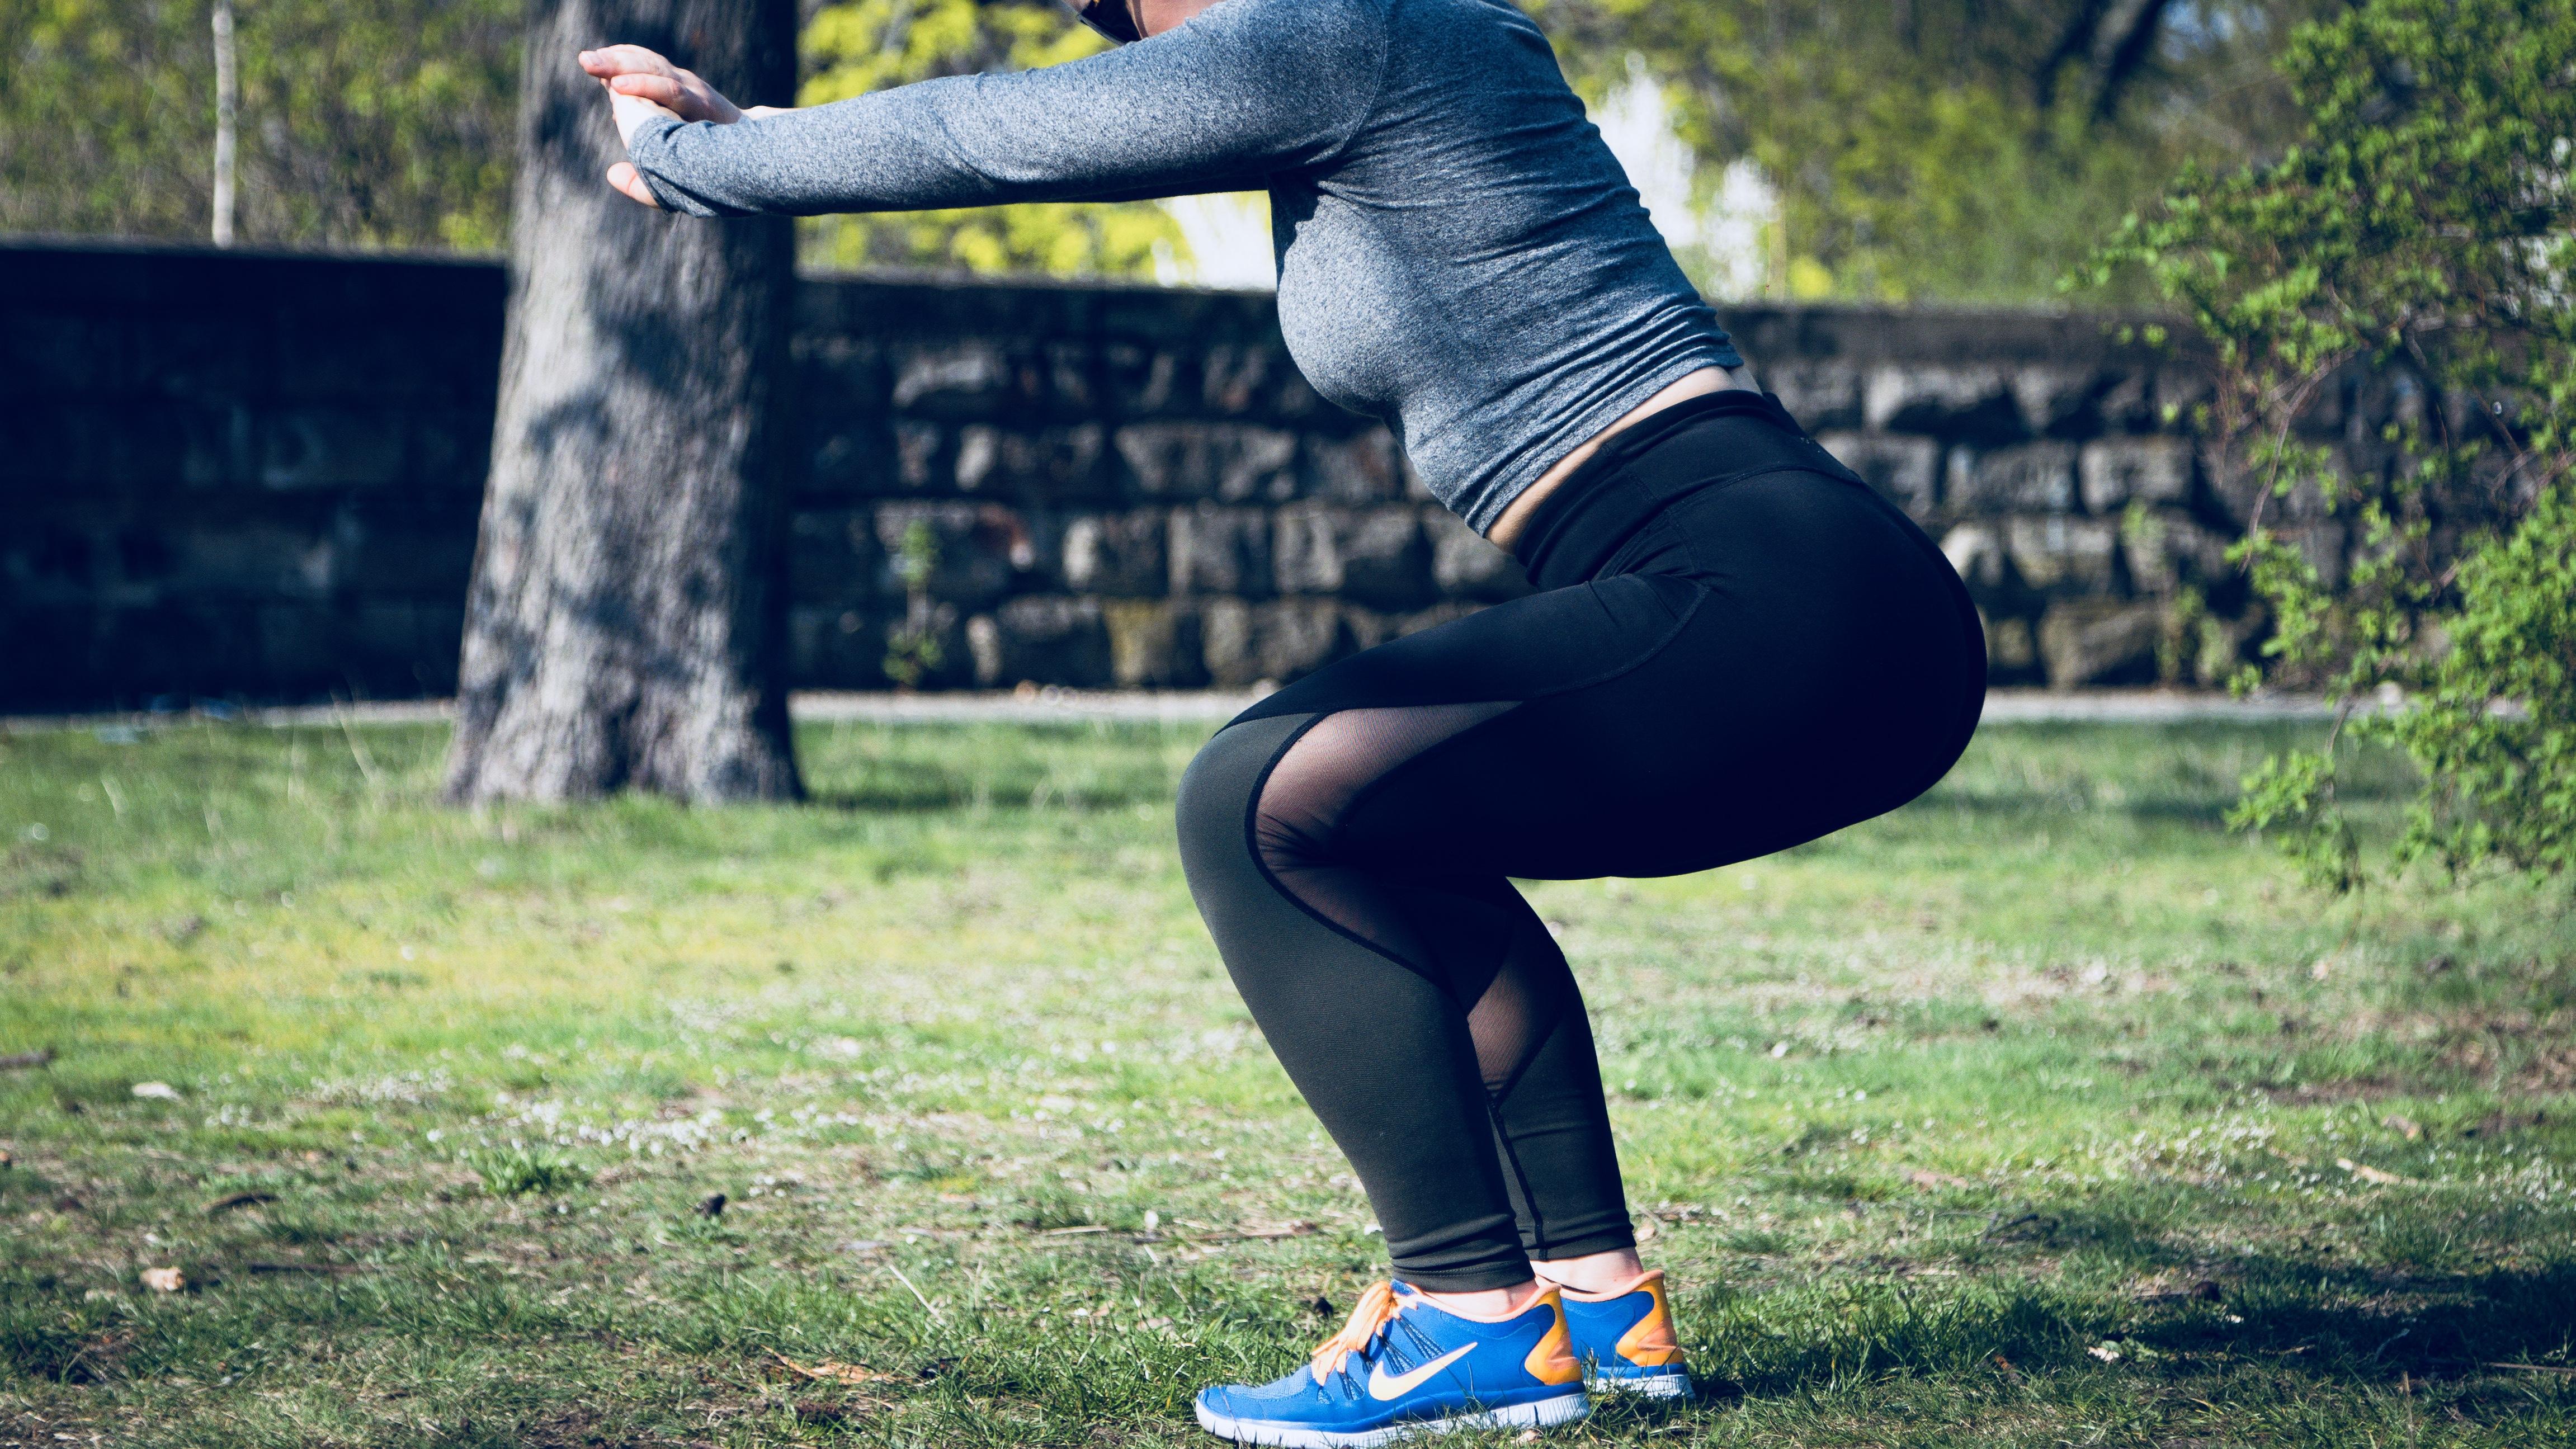 Vatsalihastesti ja vatsalihasharjoittelun virheiden välttäminen ovat jees